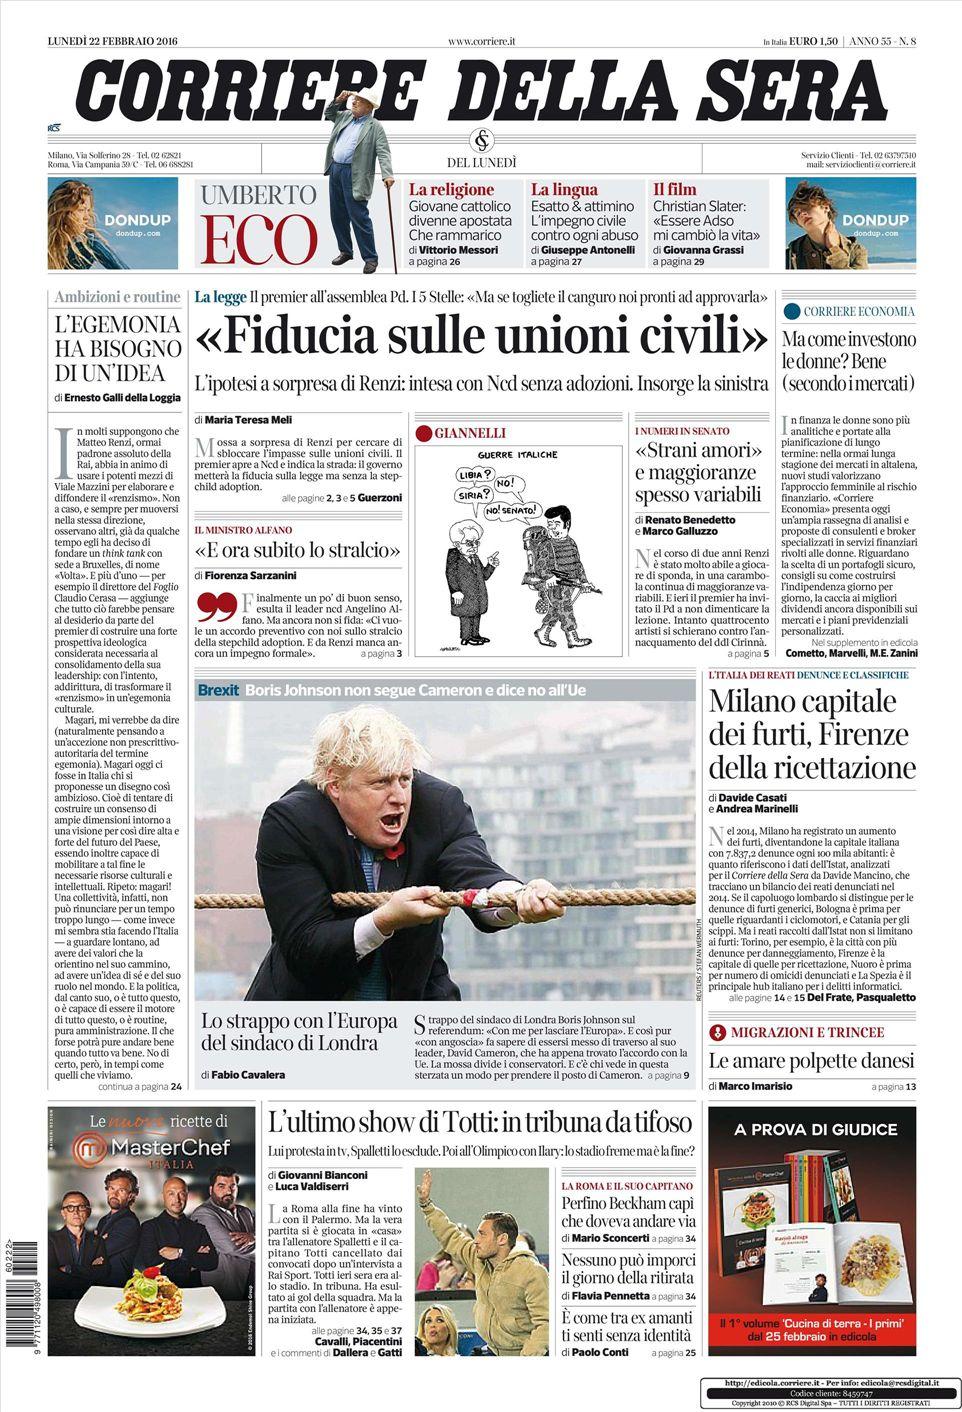 Le Prime Pagine Dei Quotidiani Che Sono In Edicola Oggi 22 Febbraio 2016 Secolo D Italia